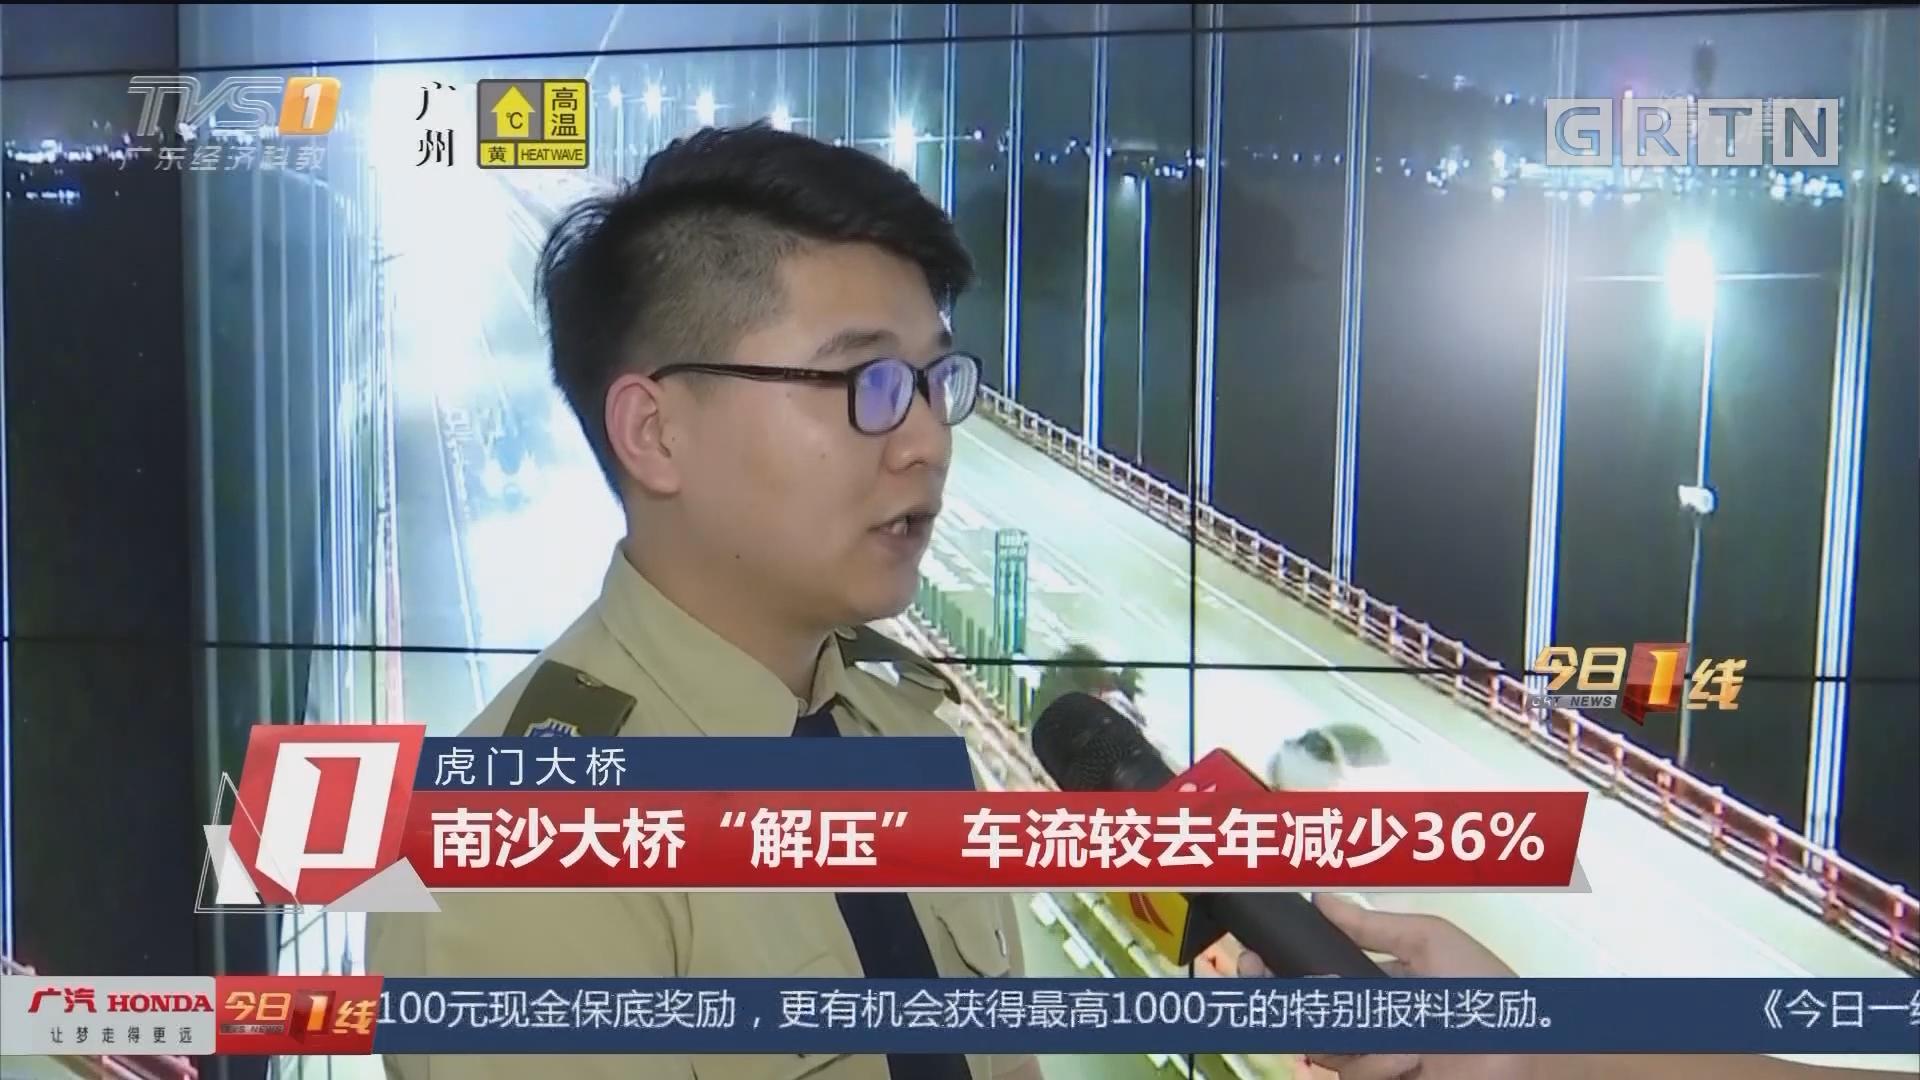 """虎门大桥 南沙大桥""""解压"""" 车流较去年减少36%"""